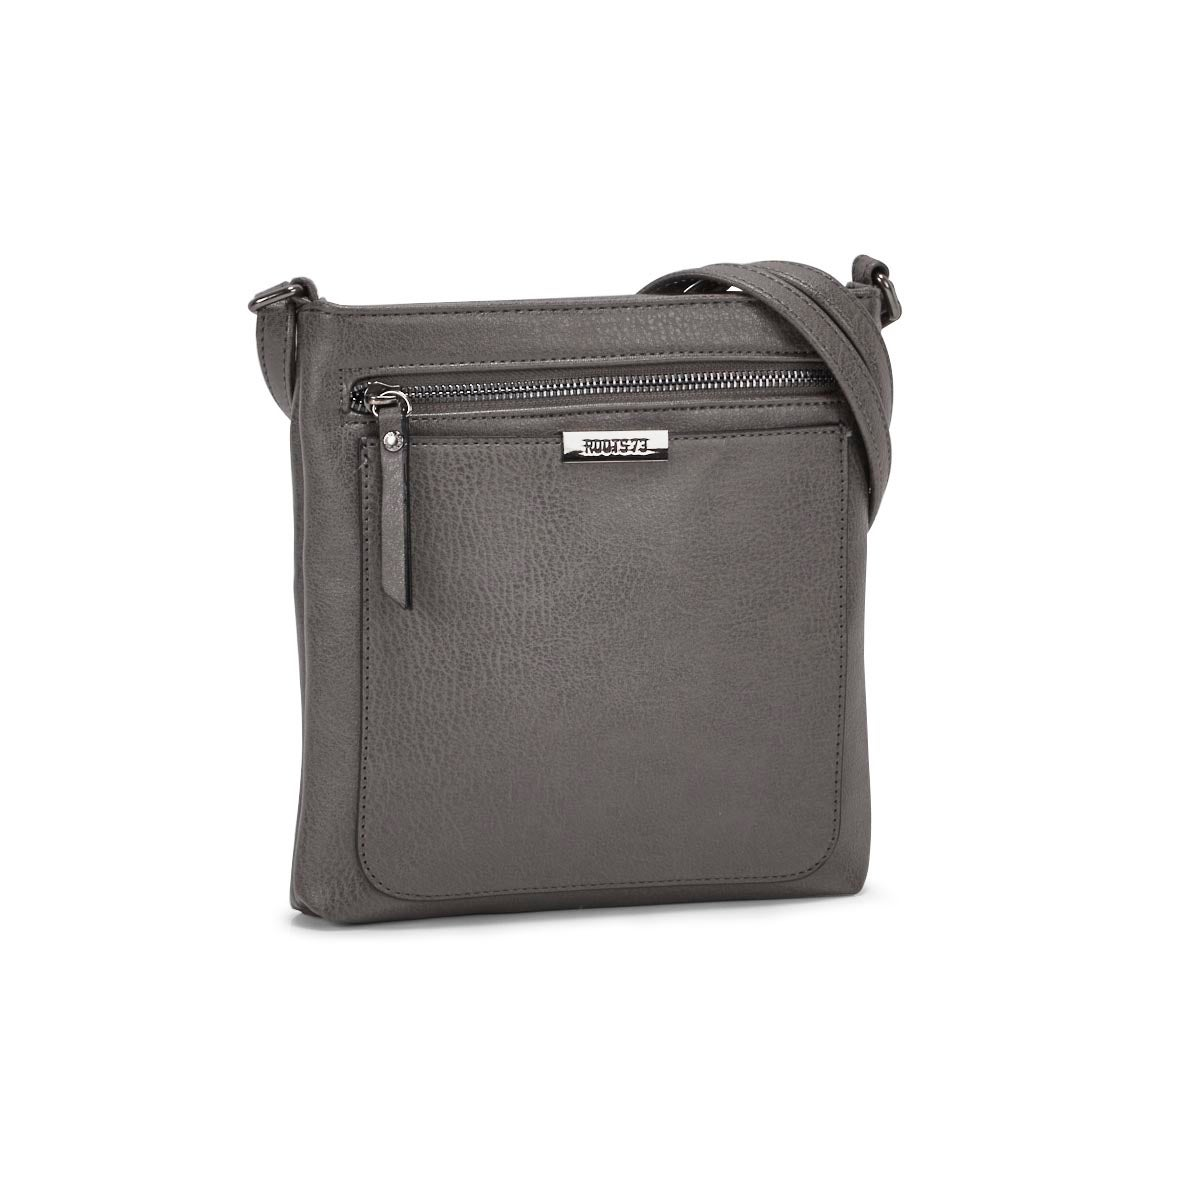 Lds Roots73 grey top zip crossbody bag